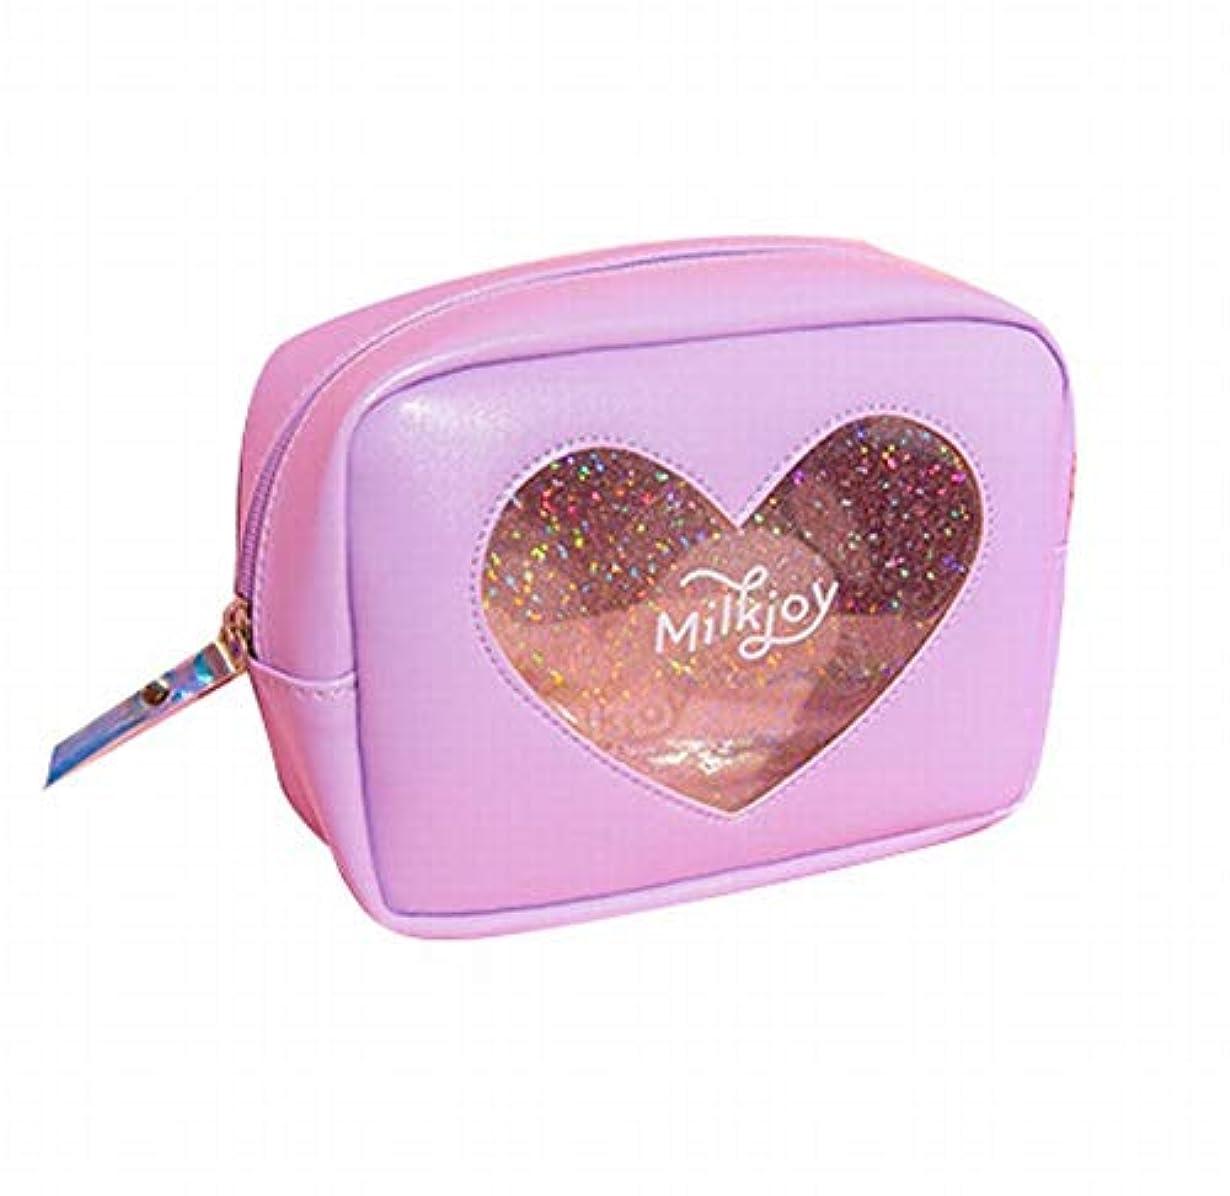 借りているアセンブリペルメルSasuga 大容量 コスメ ポーチ 化粧品 小物 収納 小型 バッグ Heart 透明 窓 中身が見える (パープル)